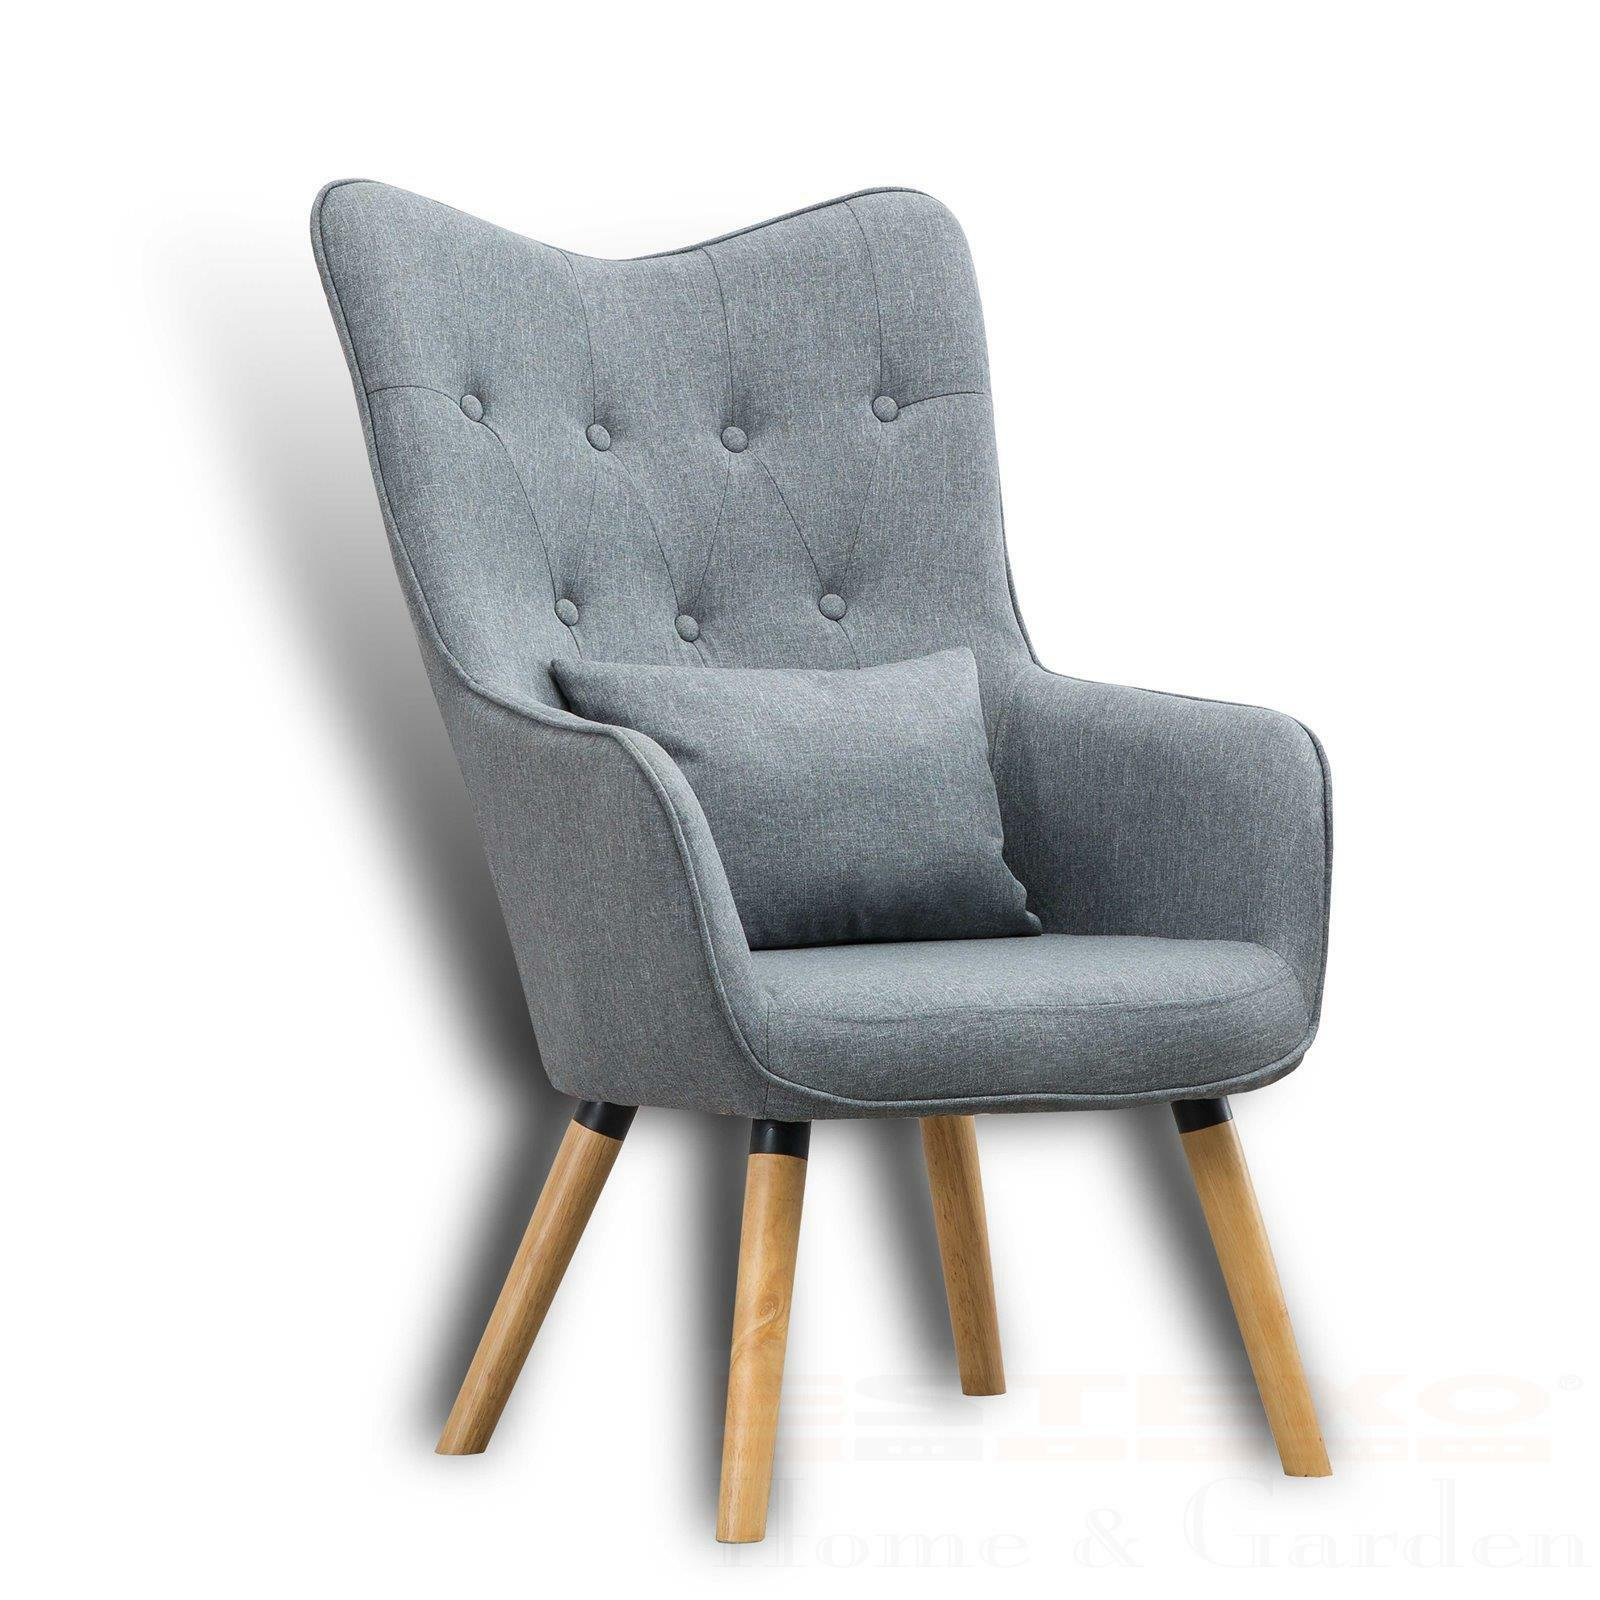 Fernsehsessel mit Kissen Relax TV Sessel Wohnzimmersessel Stoffbezug